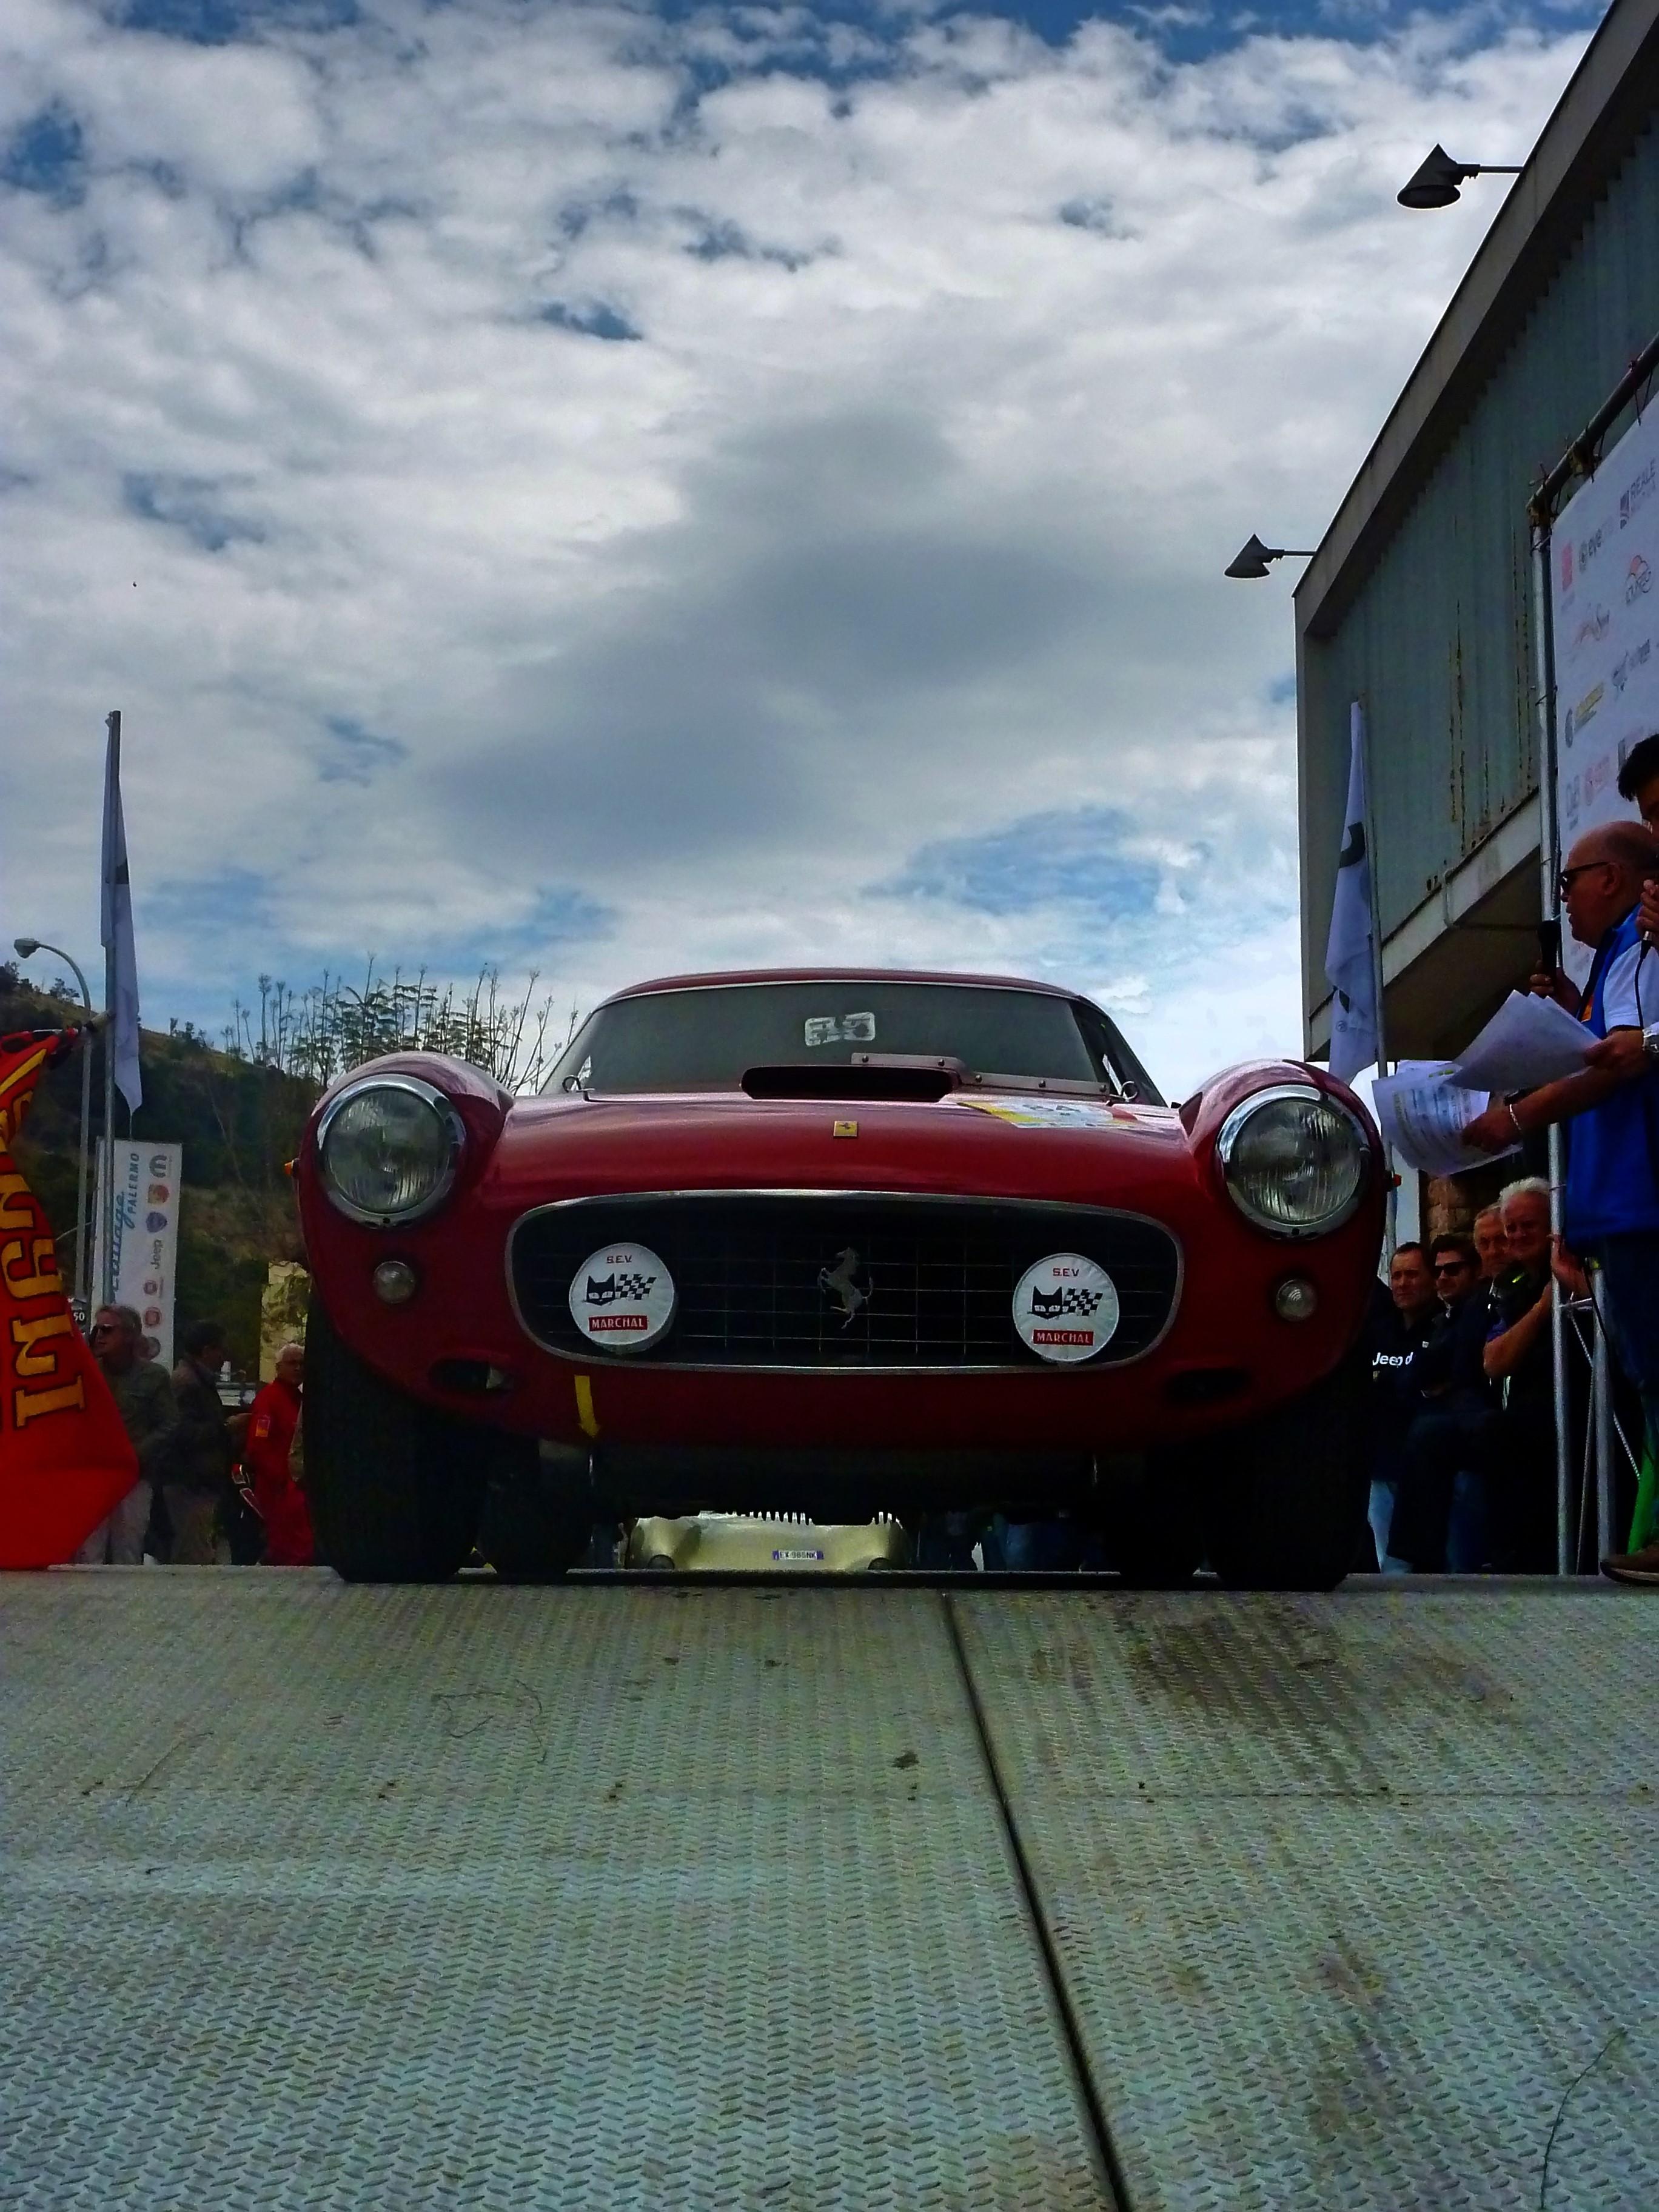 1961 Ferrari 250 GT SWB #2701 (79)_filtered